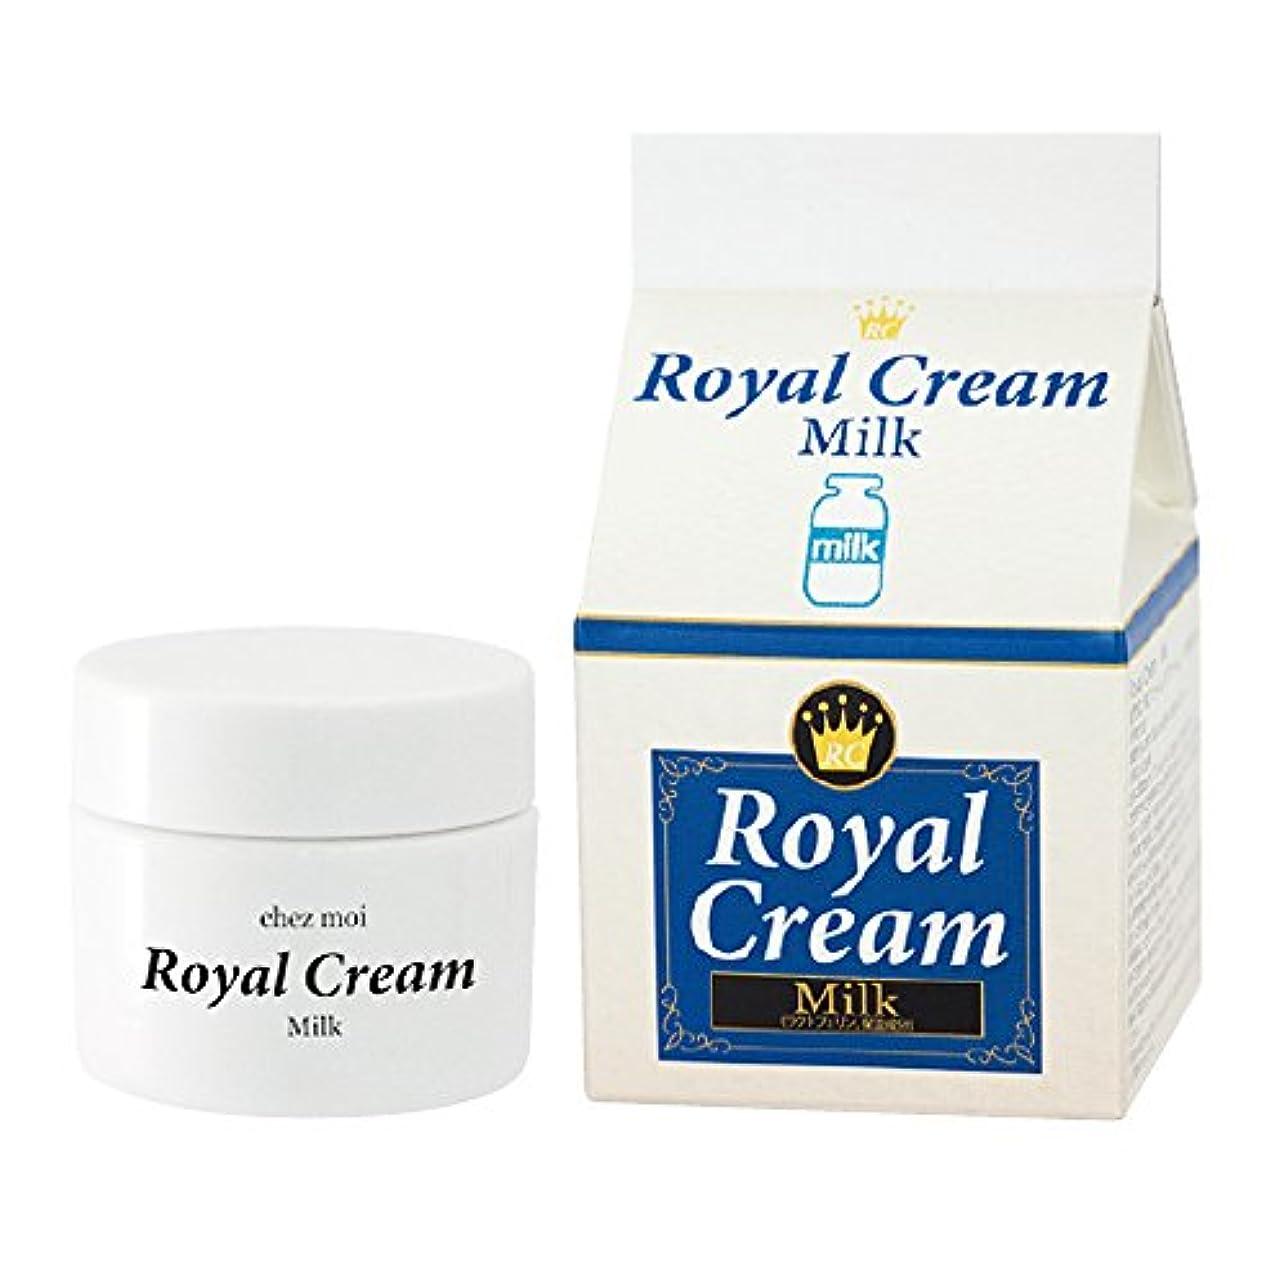 光ドライバ指紋シェモア Royal Cream(ロイヤルクリーム) Milk(ミルク) 30g